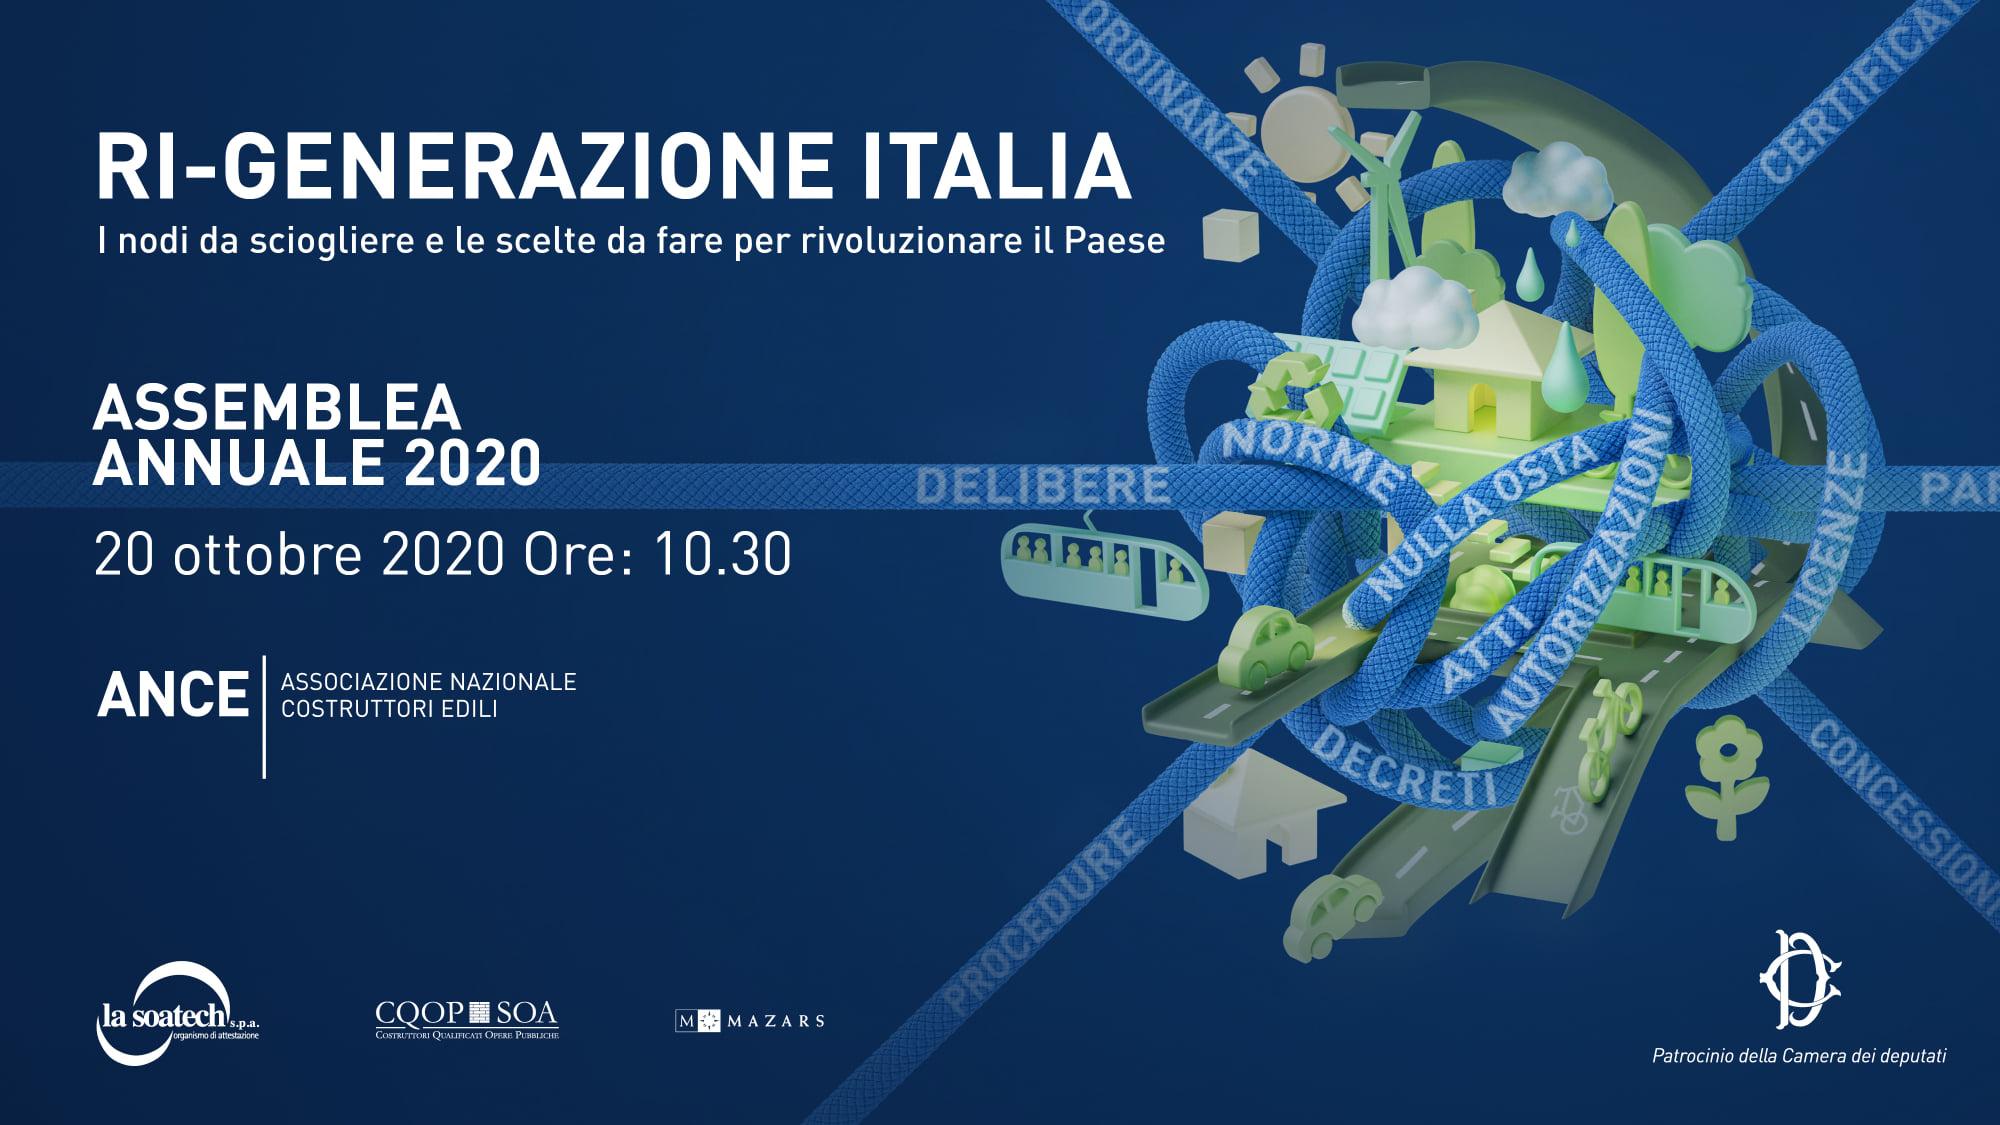 Ri-generazione Italia | Assemblea Ance 2020